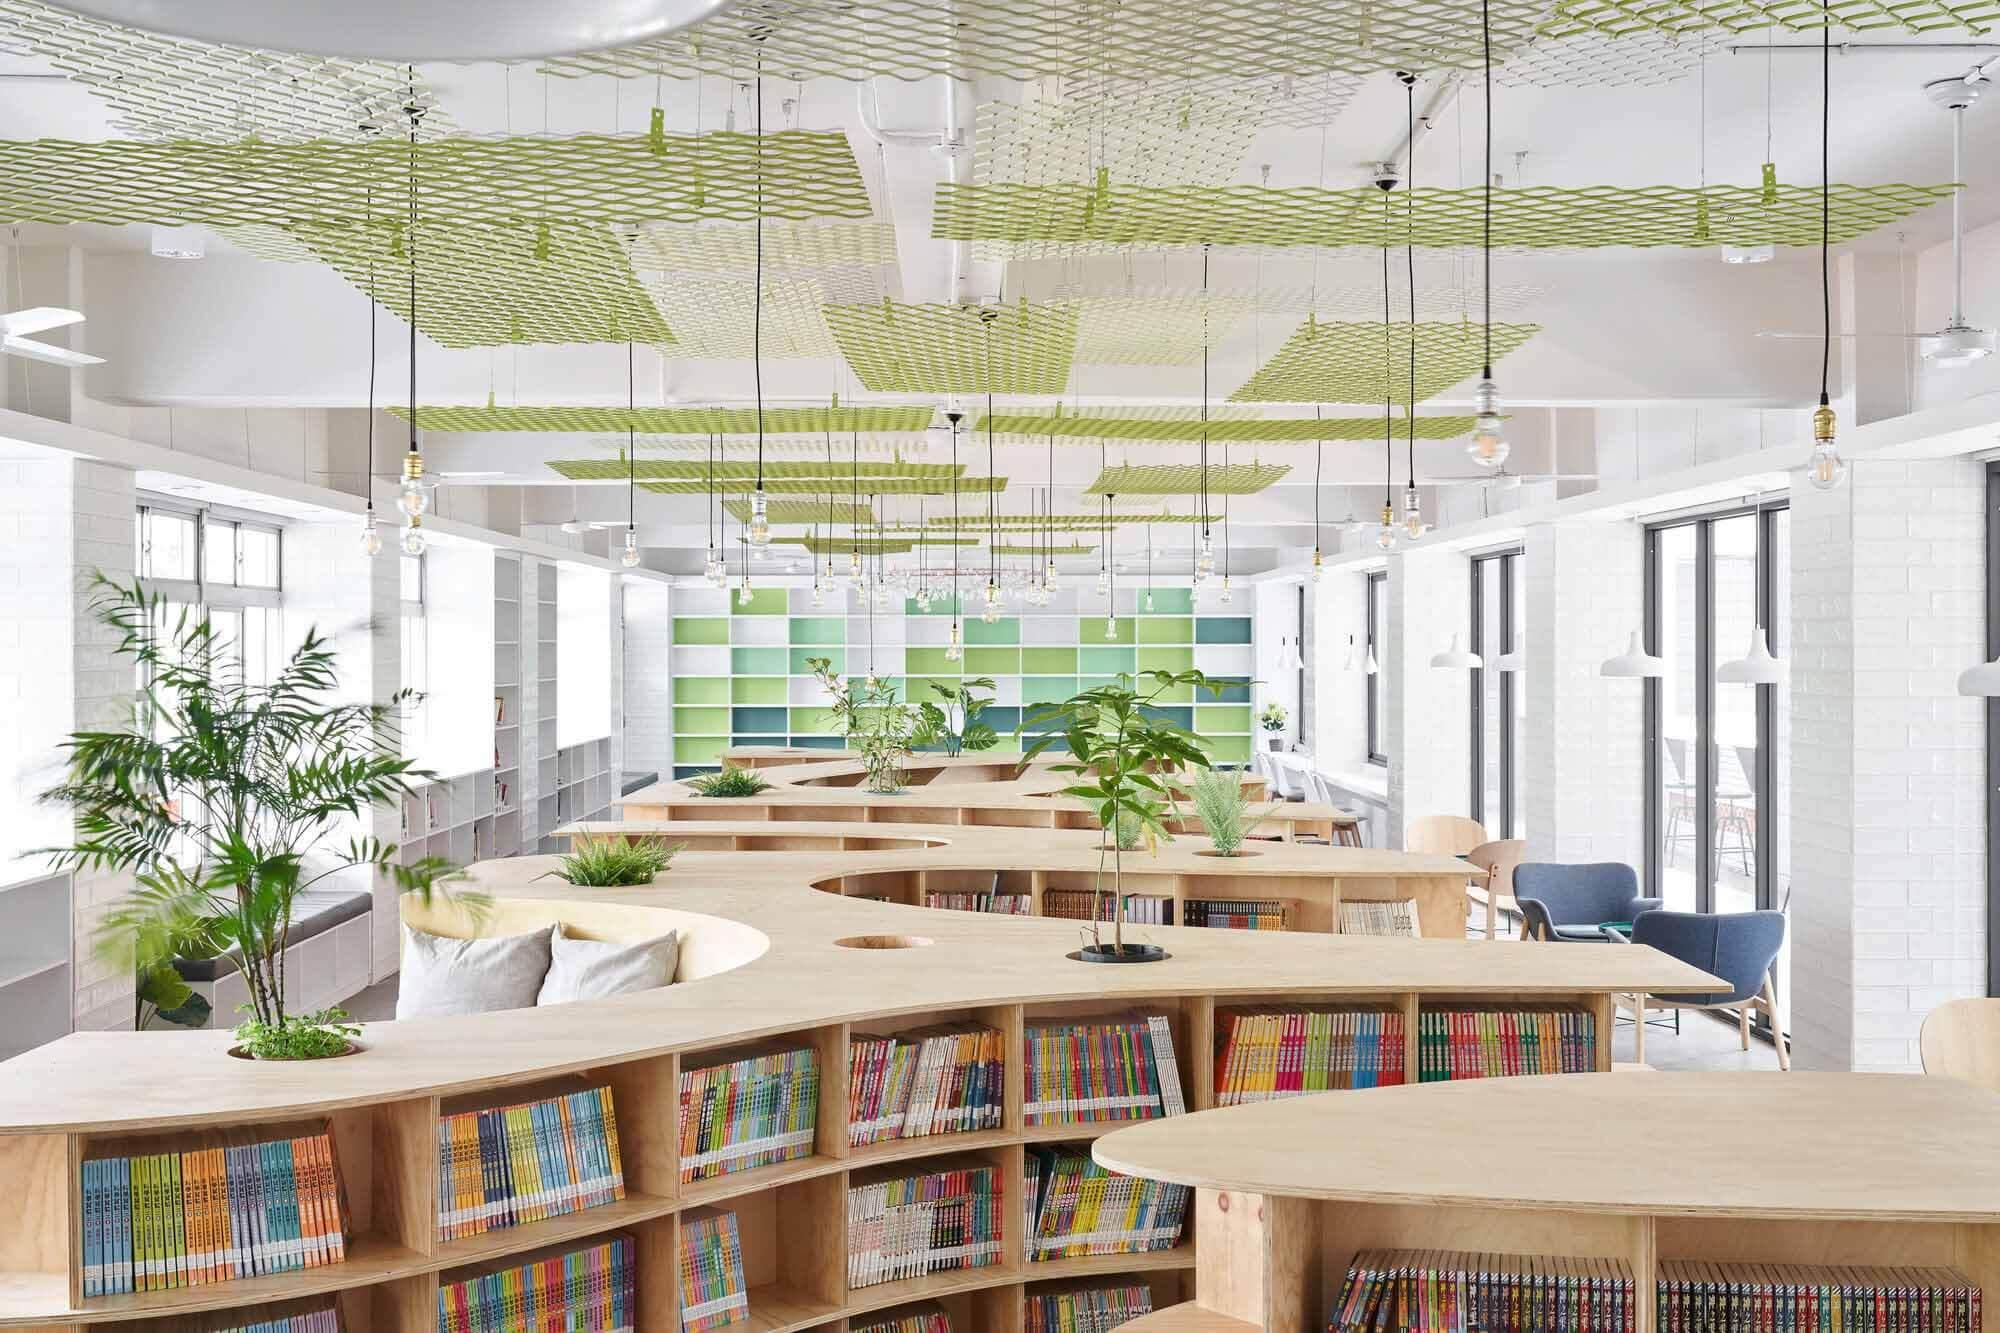 Библиотека начальной школы имени Лишина / TALI DESIGN